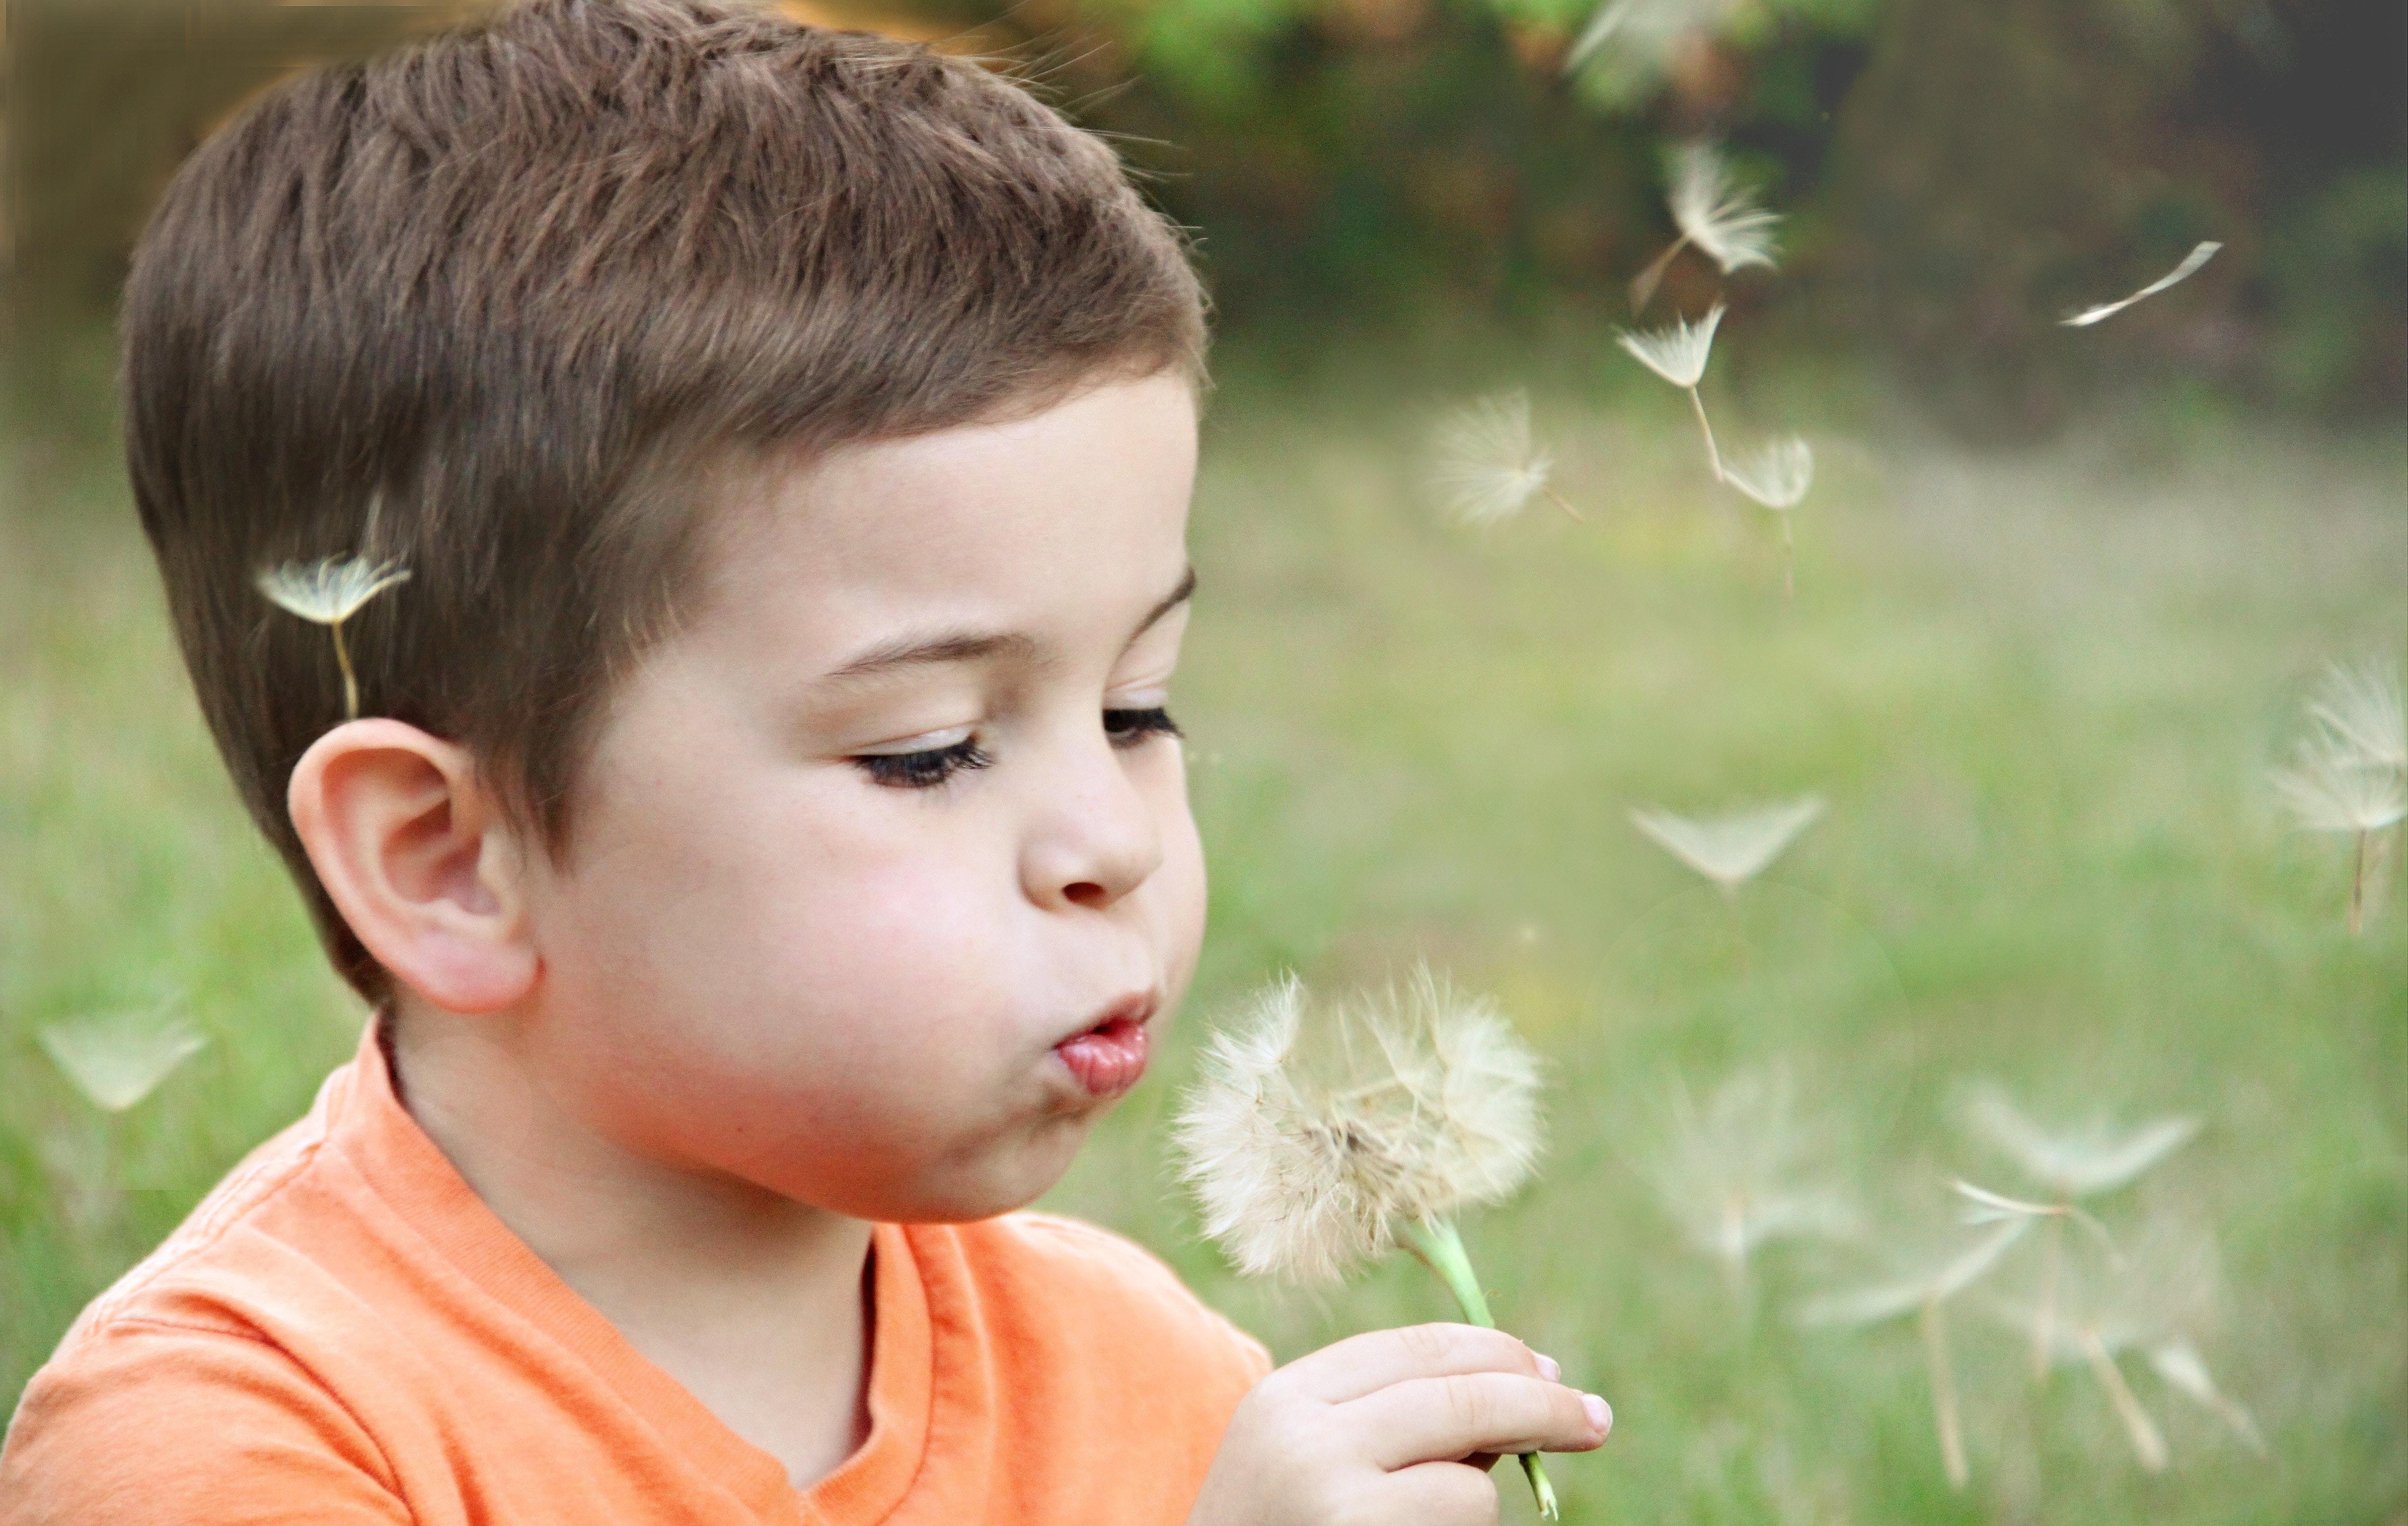 Näin harjoittelet rauhoittumista lapsen kanssa – 8 keinoa rauhoittua